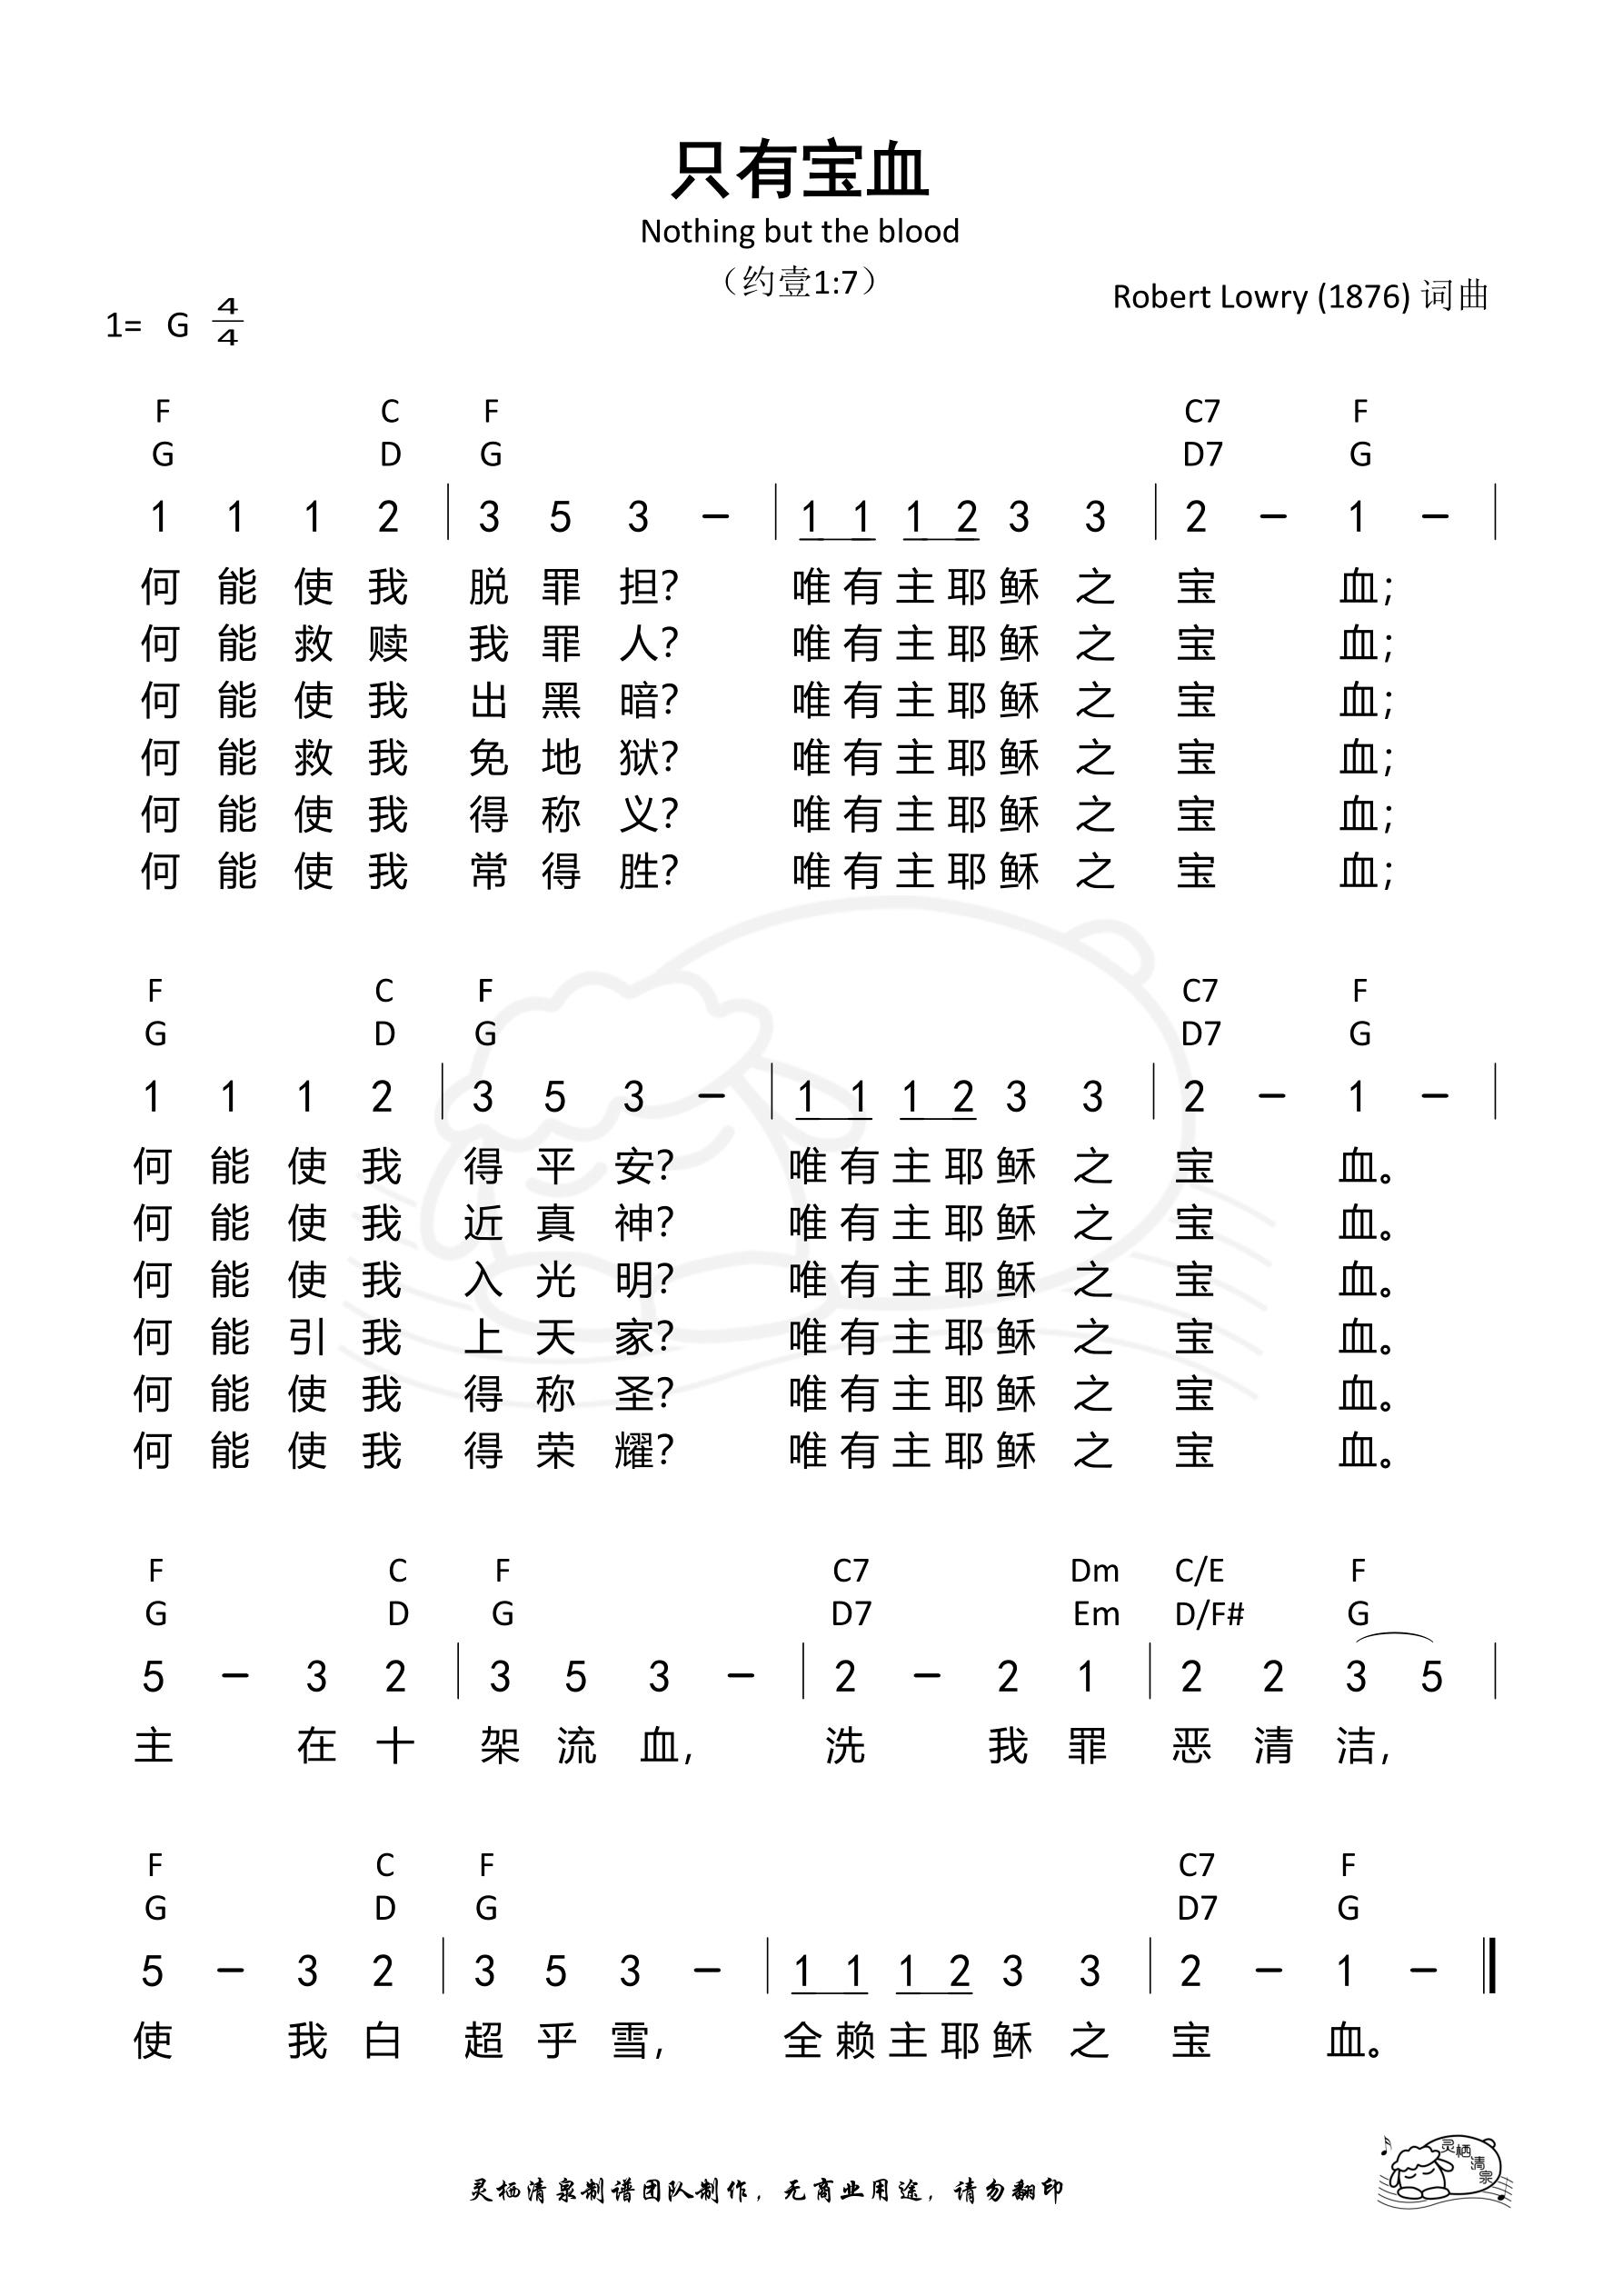 《第188首 - 只有宝血 和弦简谱》